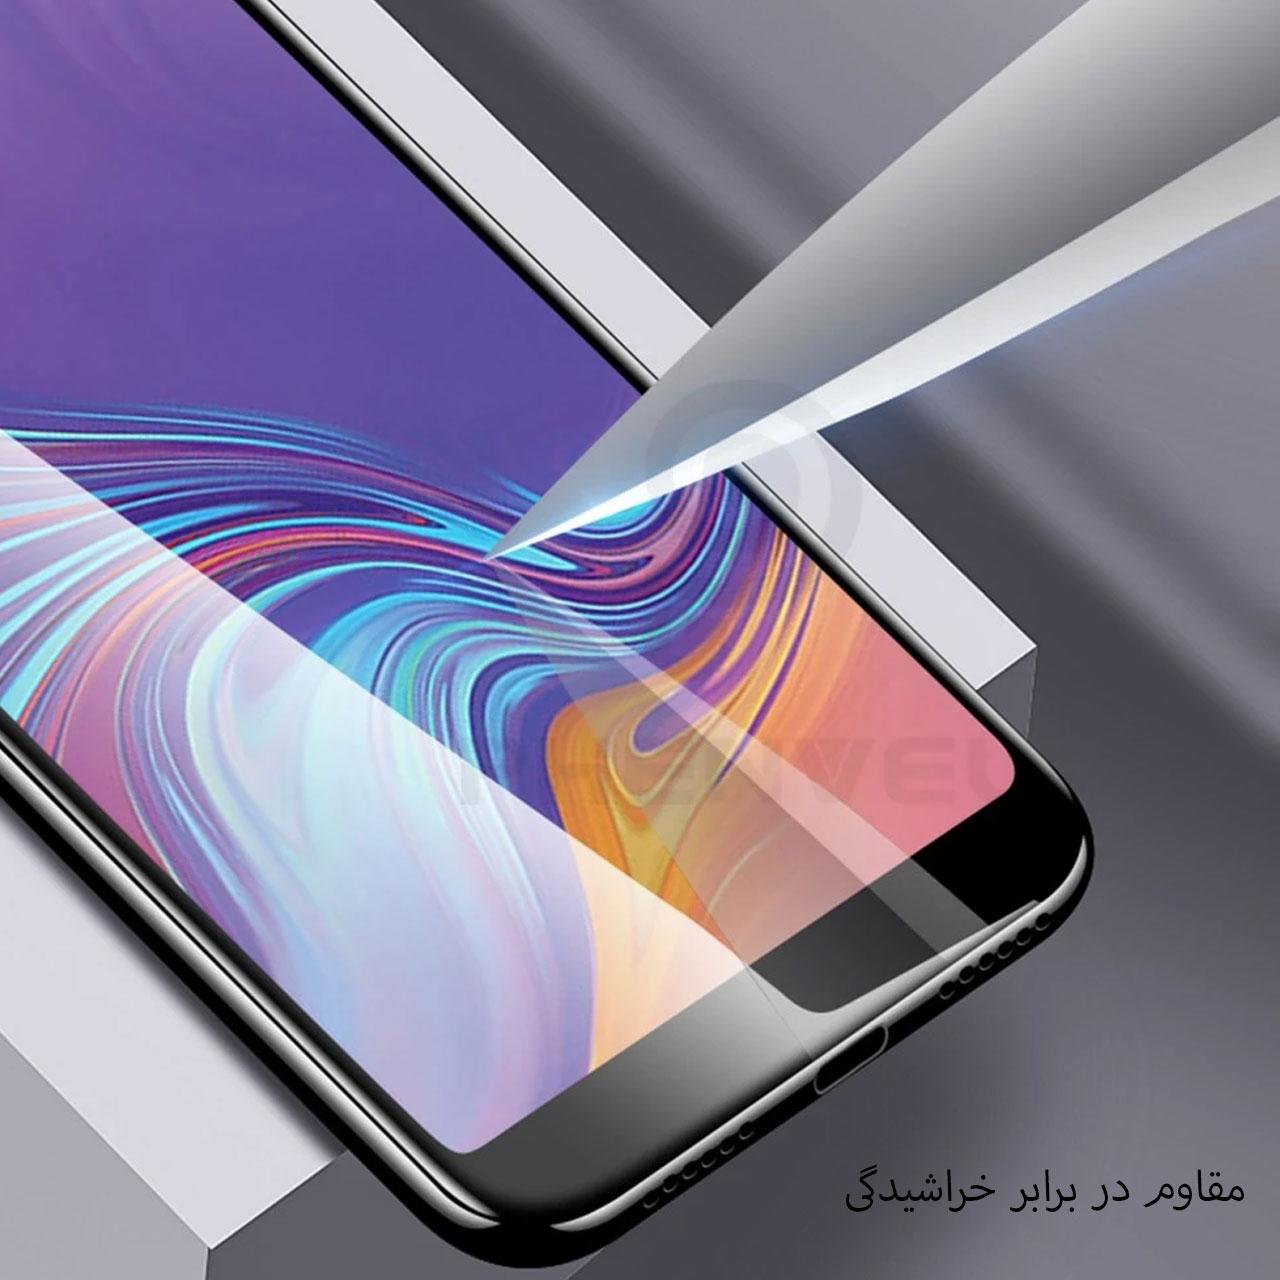 محافظ صفحه نمایش ریبایل مدل RSP مناسب برای گوشی موبایل سامسونگ Galaxy A7 2018 main 1 1